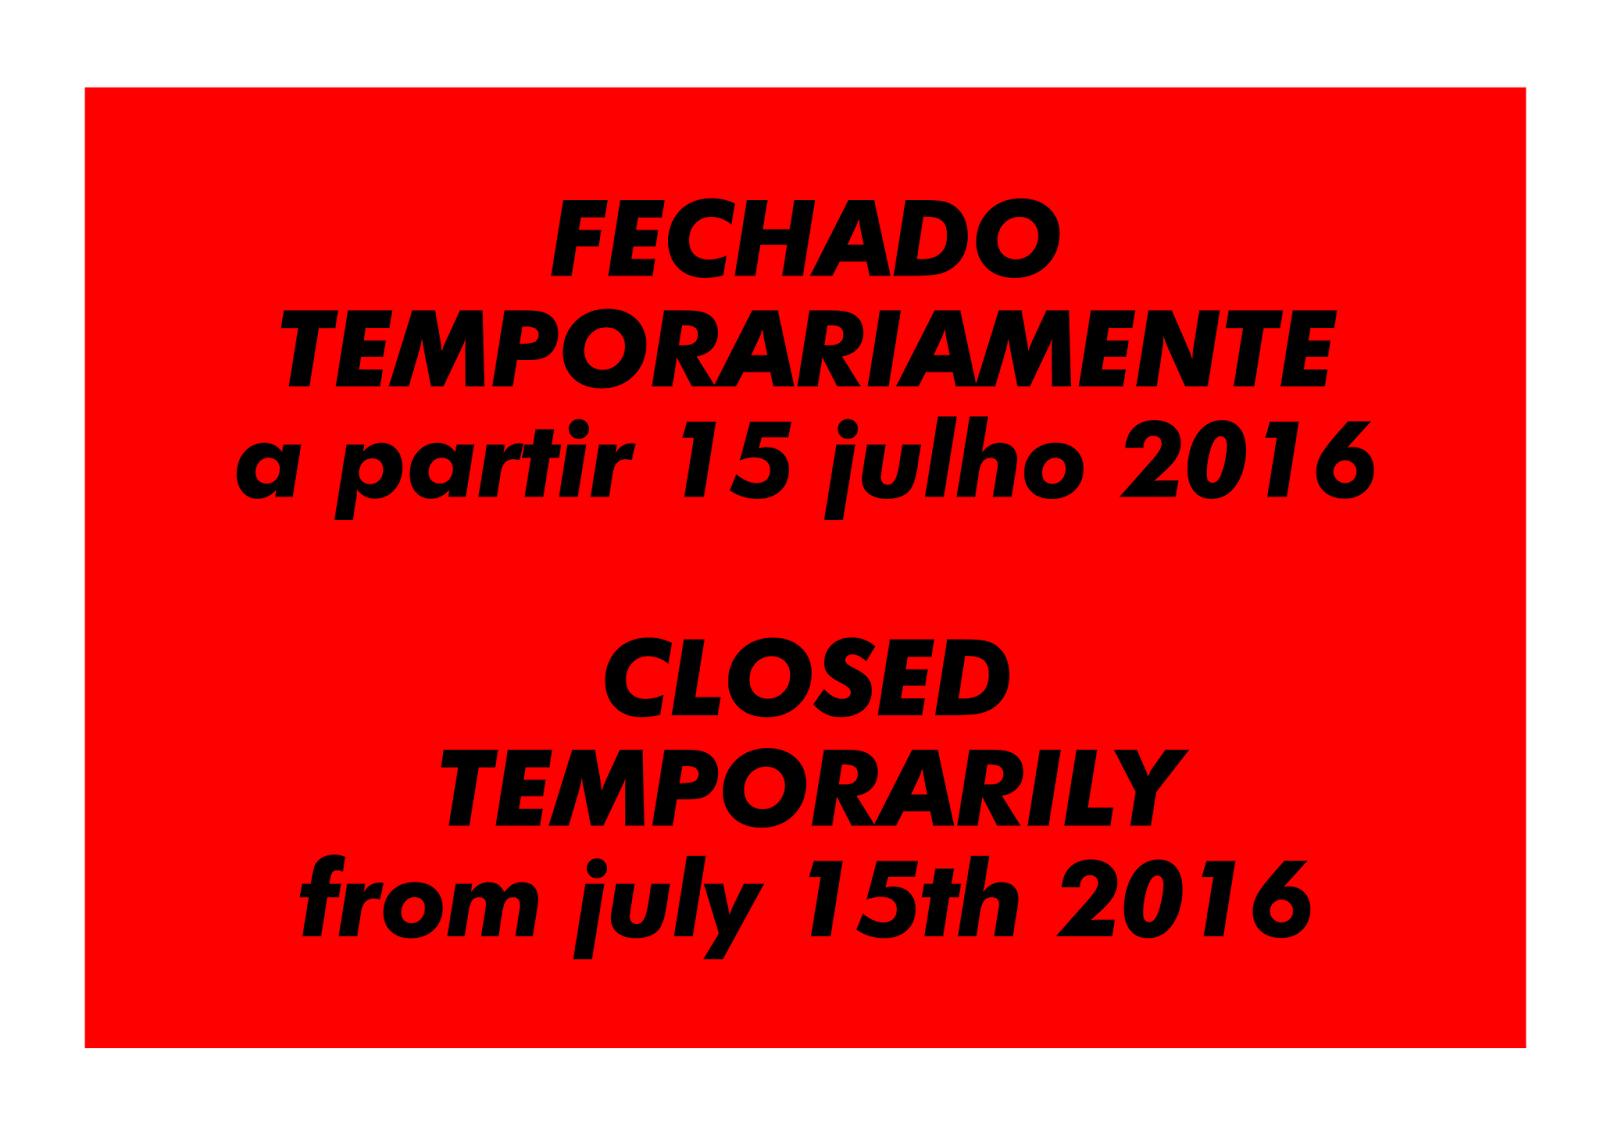 fechado/closed